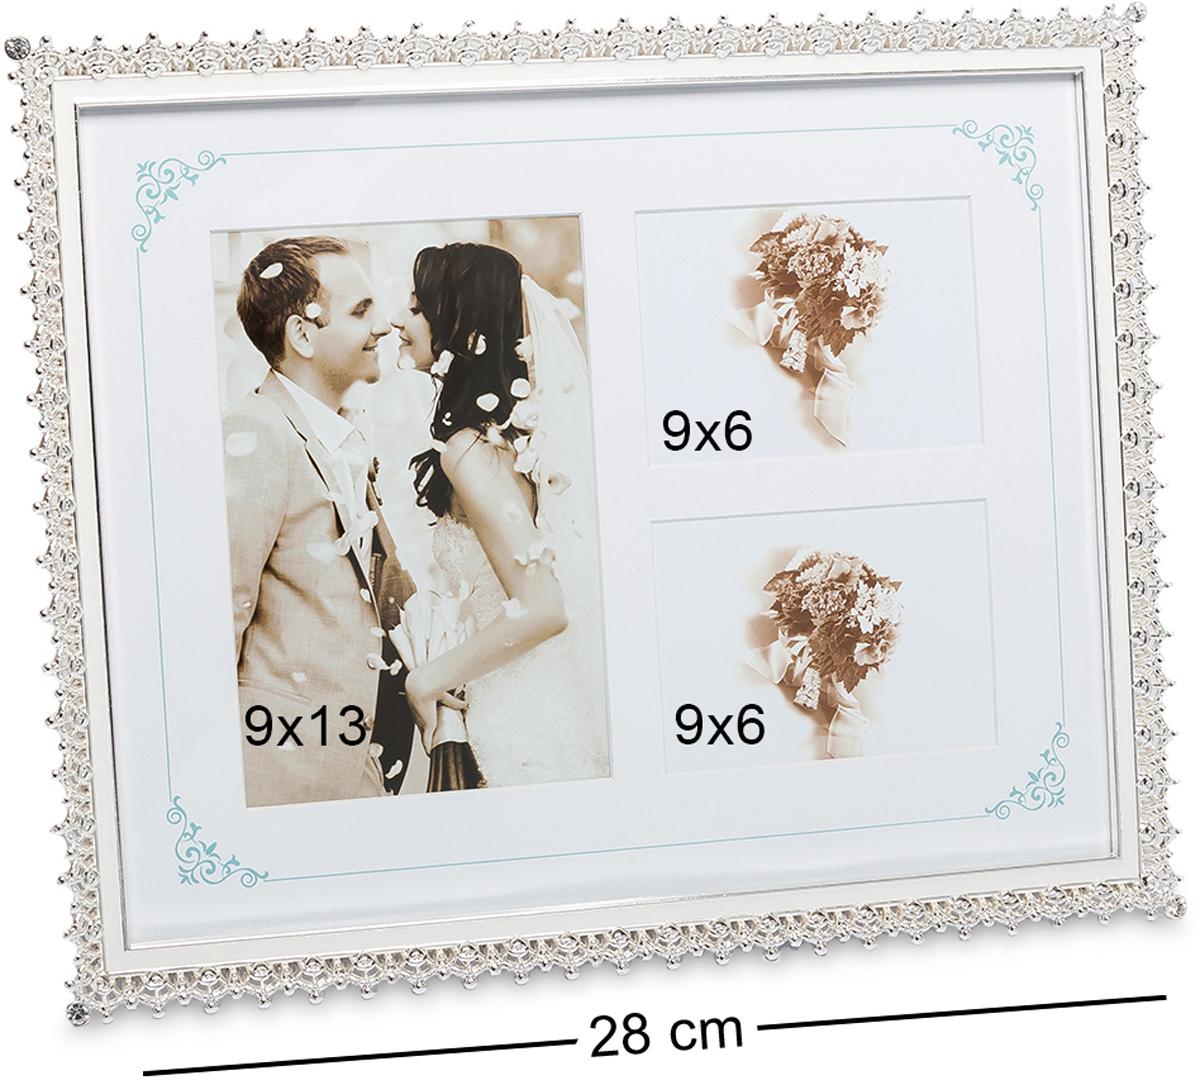 Фоторамка Bellezza Casa Мгновения любви, на 3 фото: 9х13, 9х6. CHK-172CHK-172Фоторамка для влюблённых изготовлена из фарфора и текстиля. На текстильной основе можно расположить до трёх фото, сделав компактную и красивую фотоподборку на память. Одна или две фотографии также будут прекрасно смотреться в такой рамке. Блестящий фарфор создаёт стильный и оригинальный вид. Фоторамка для фотографий 9х13 и 9х6 см.